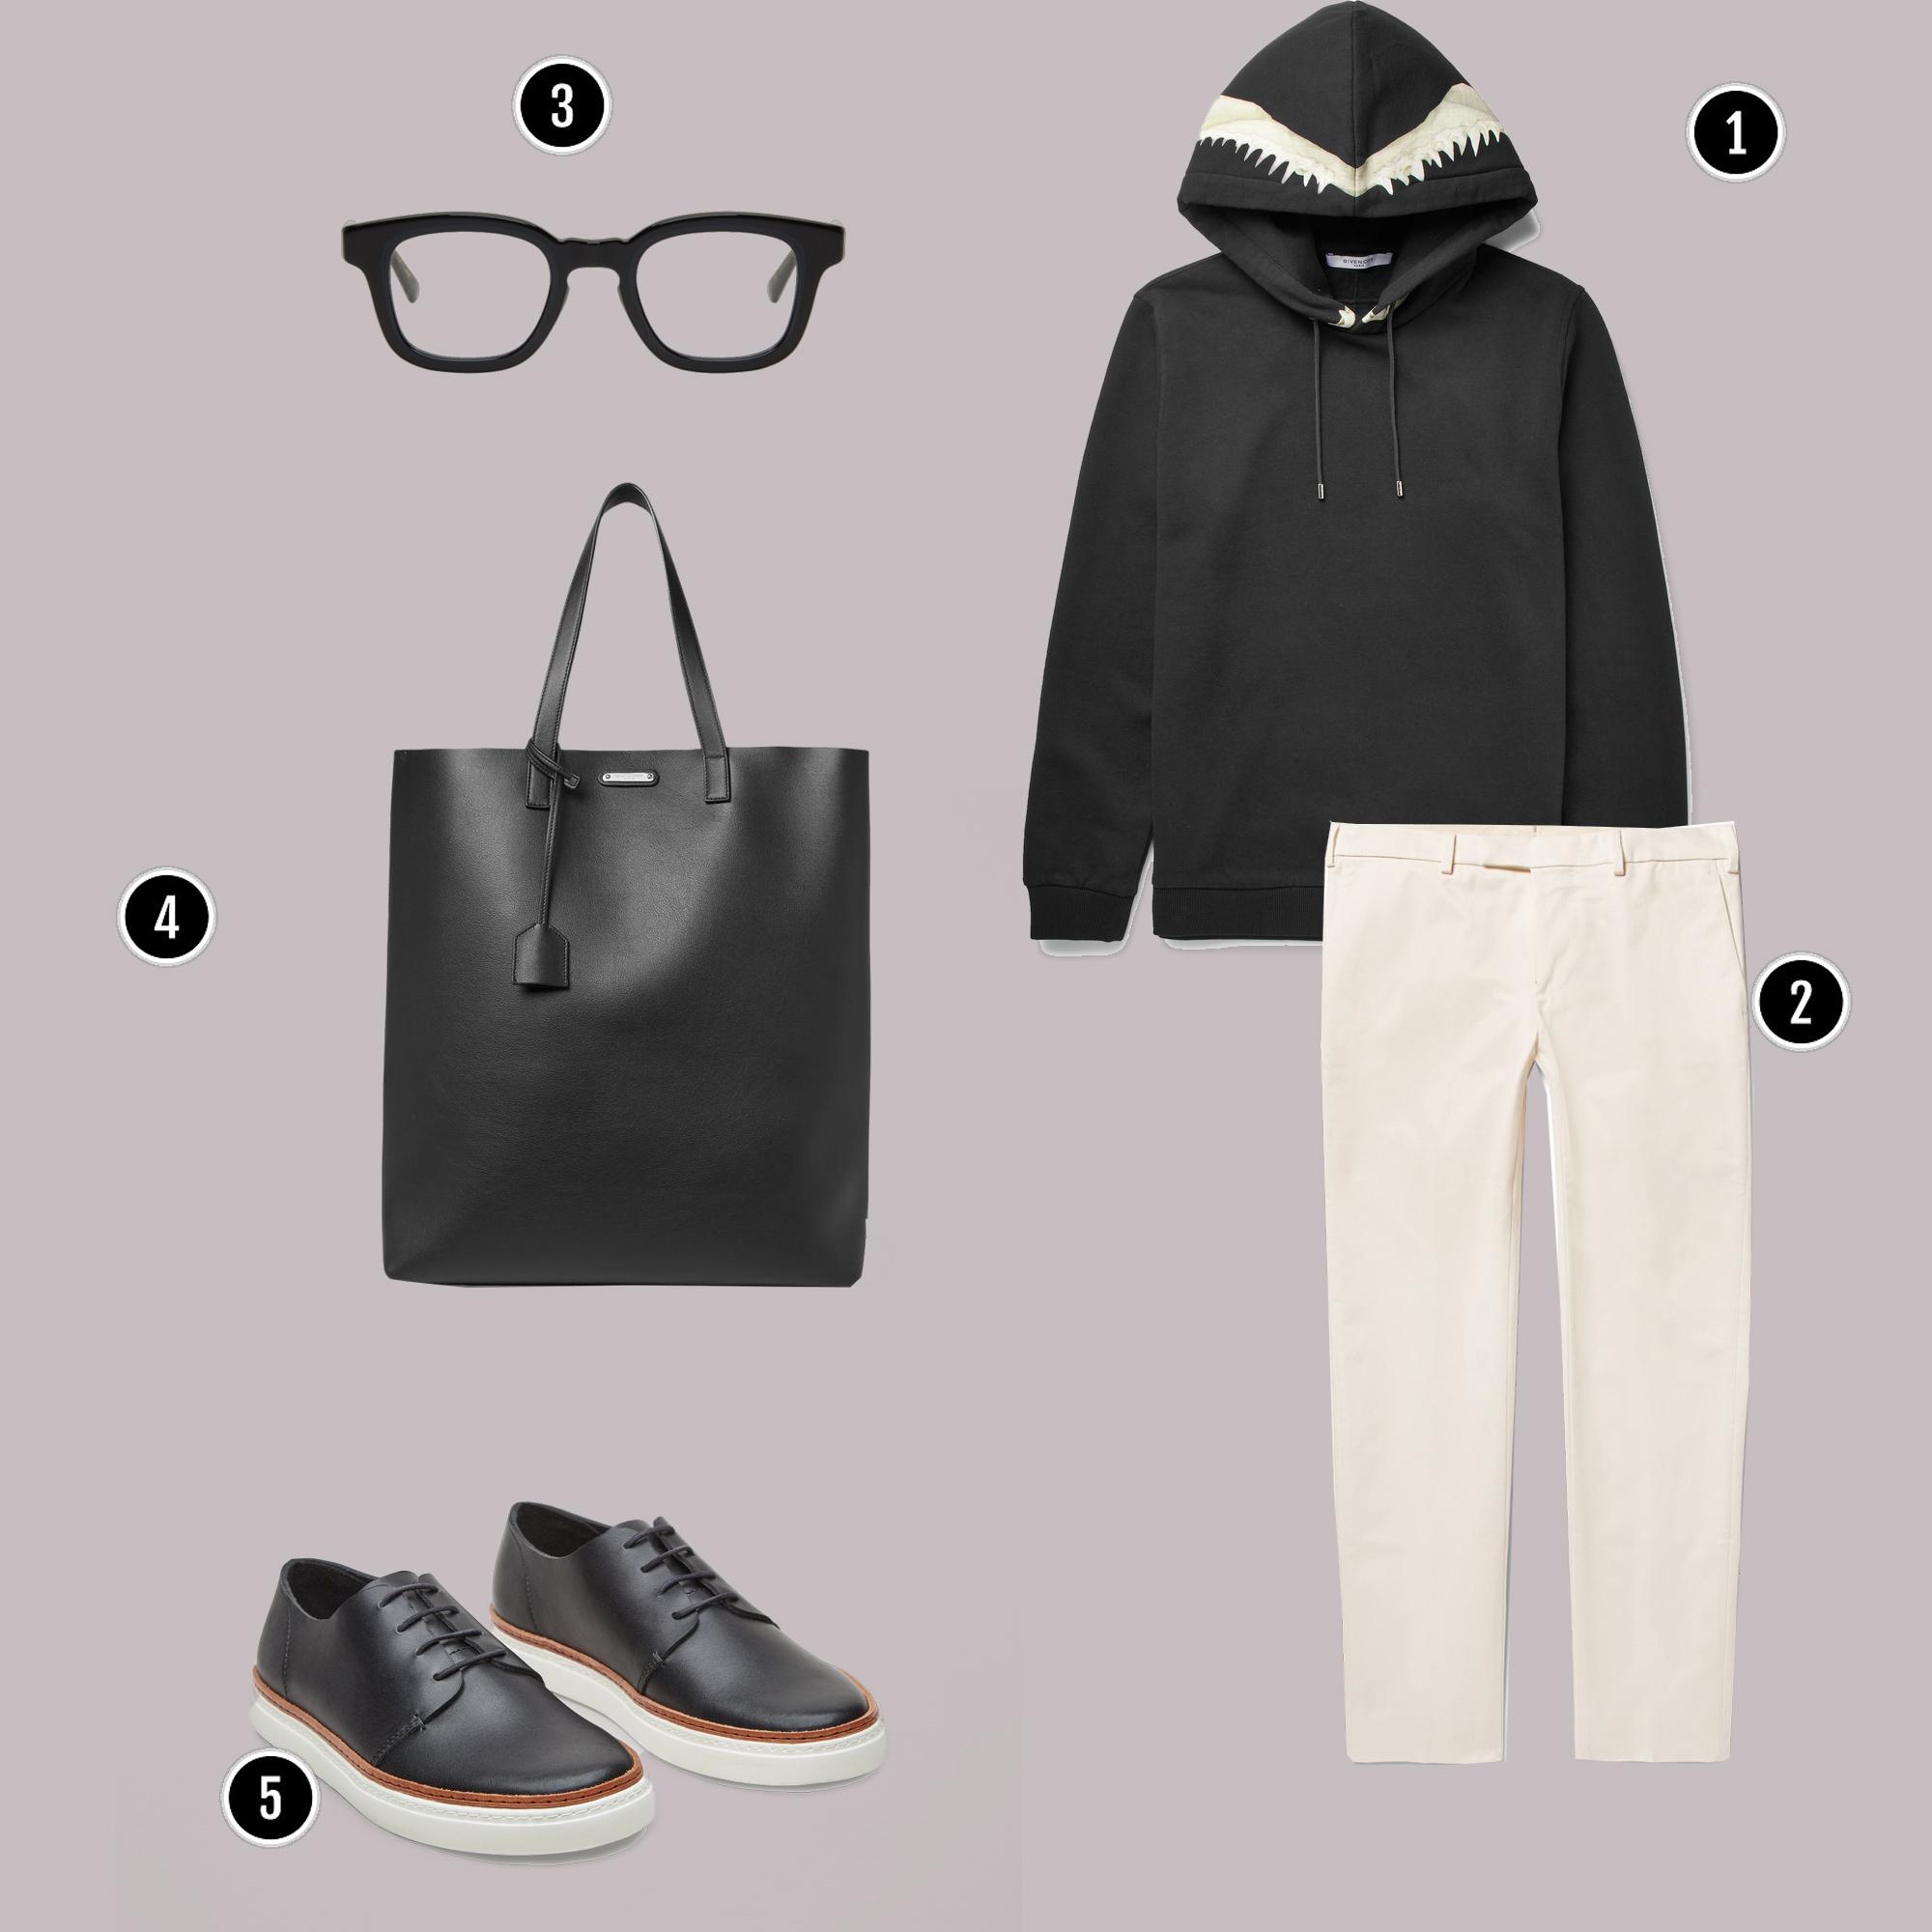 1. Áo: Givenchy / 2. Quần: Visvim / 3. Kính: Eyewear 7285/ 4. YSL / 5. Giày: COS